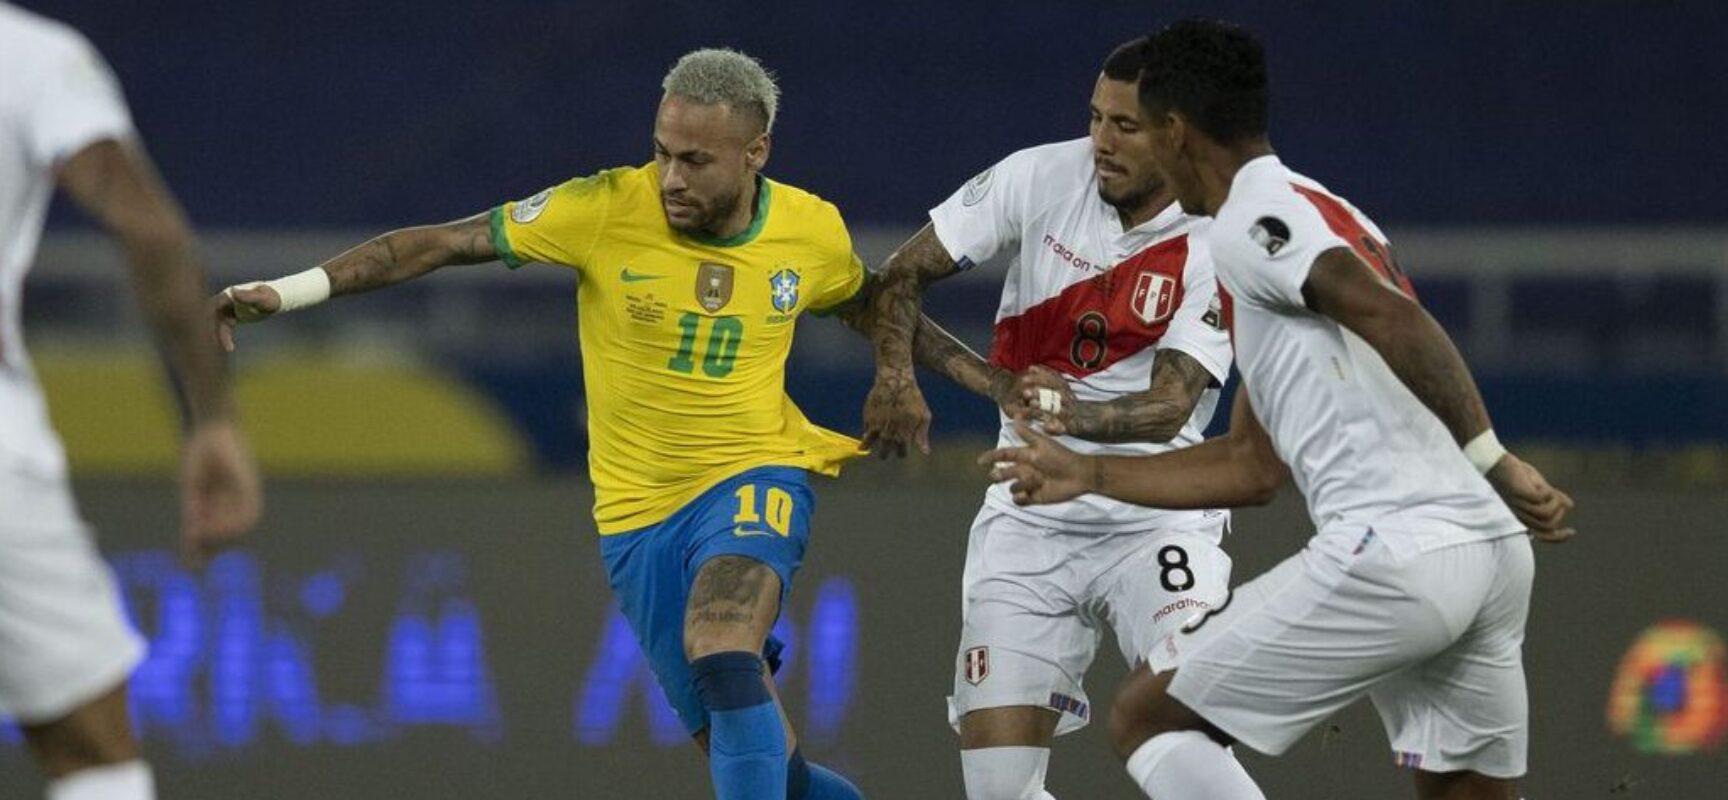 Contra Peru, Brasil encerra confusa rodada tripla das eliminatórias